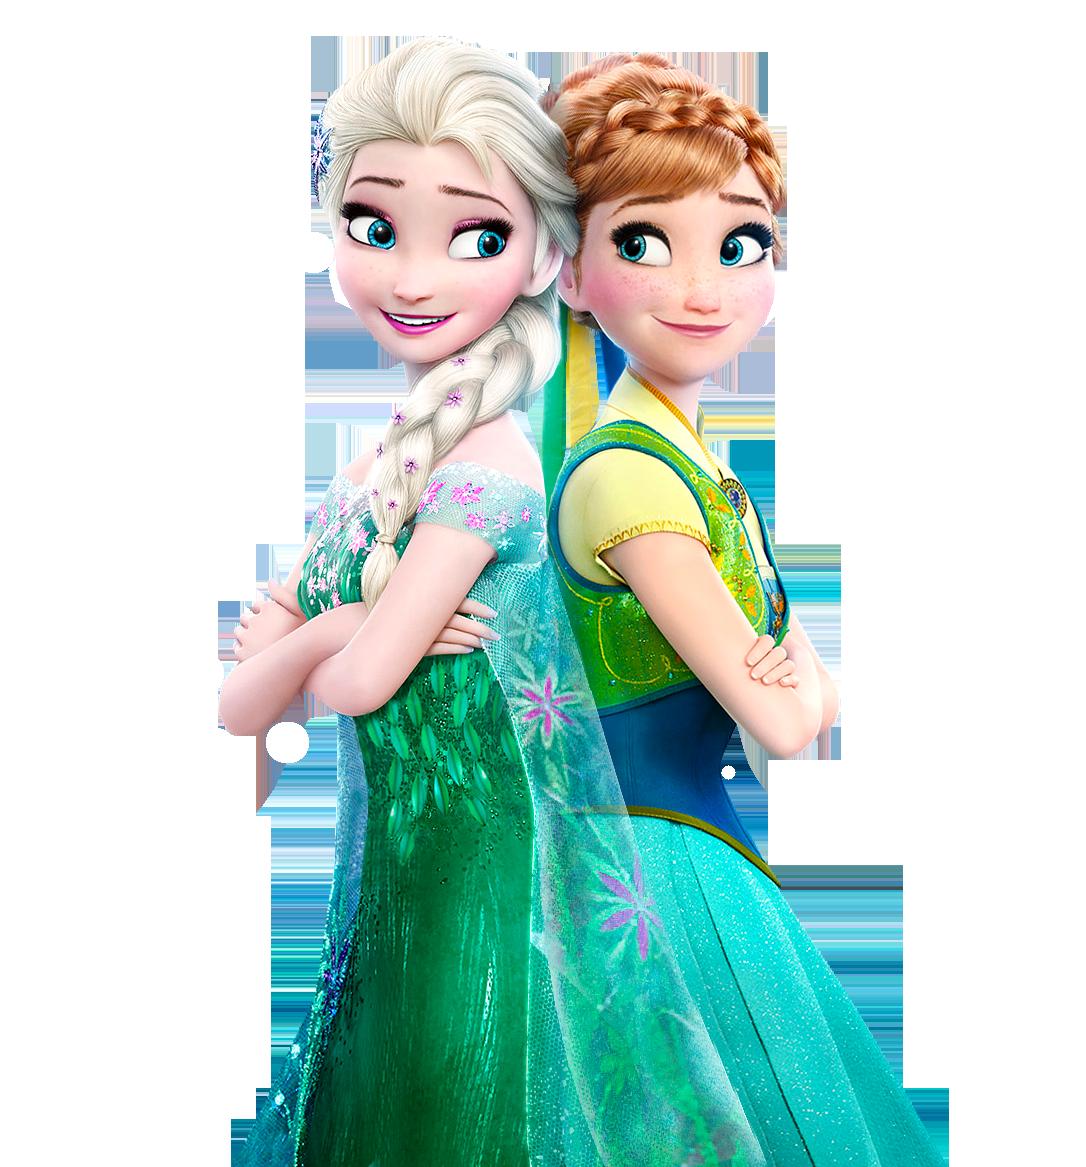 . PlusPng.com Elsa and Anna Frozen Fever - Vector by Simmeh - Frozen HD PNG